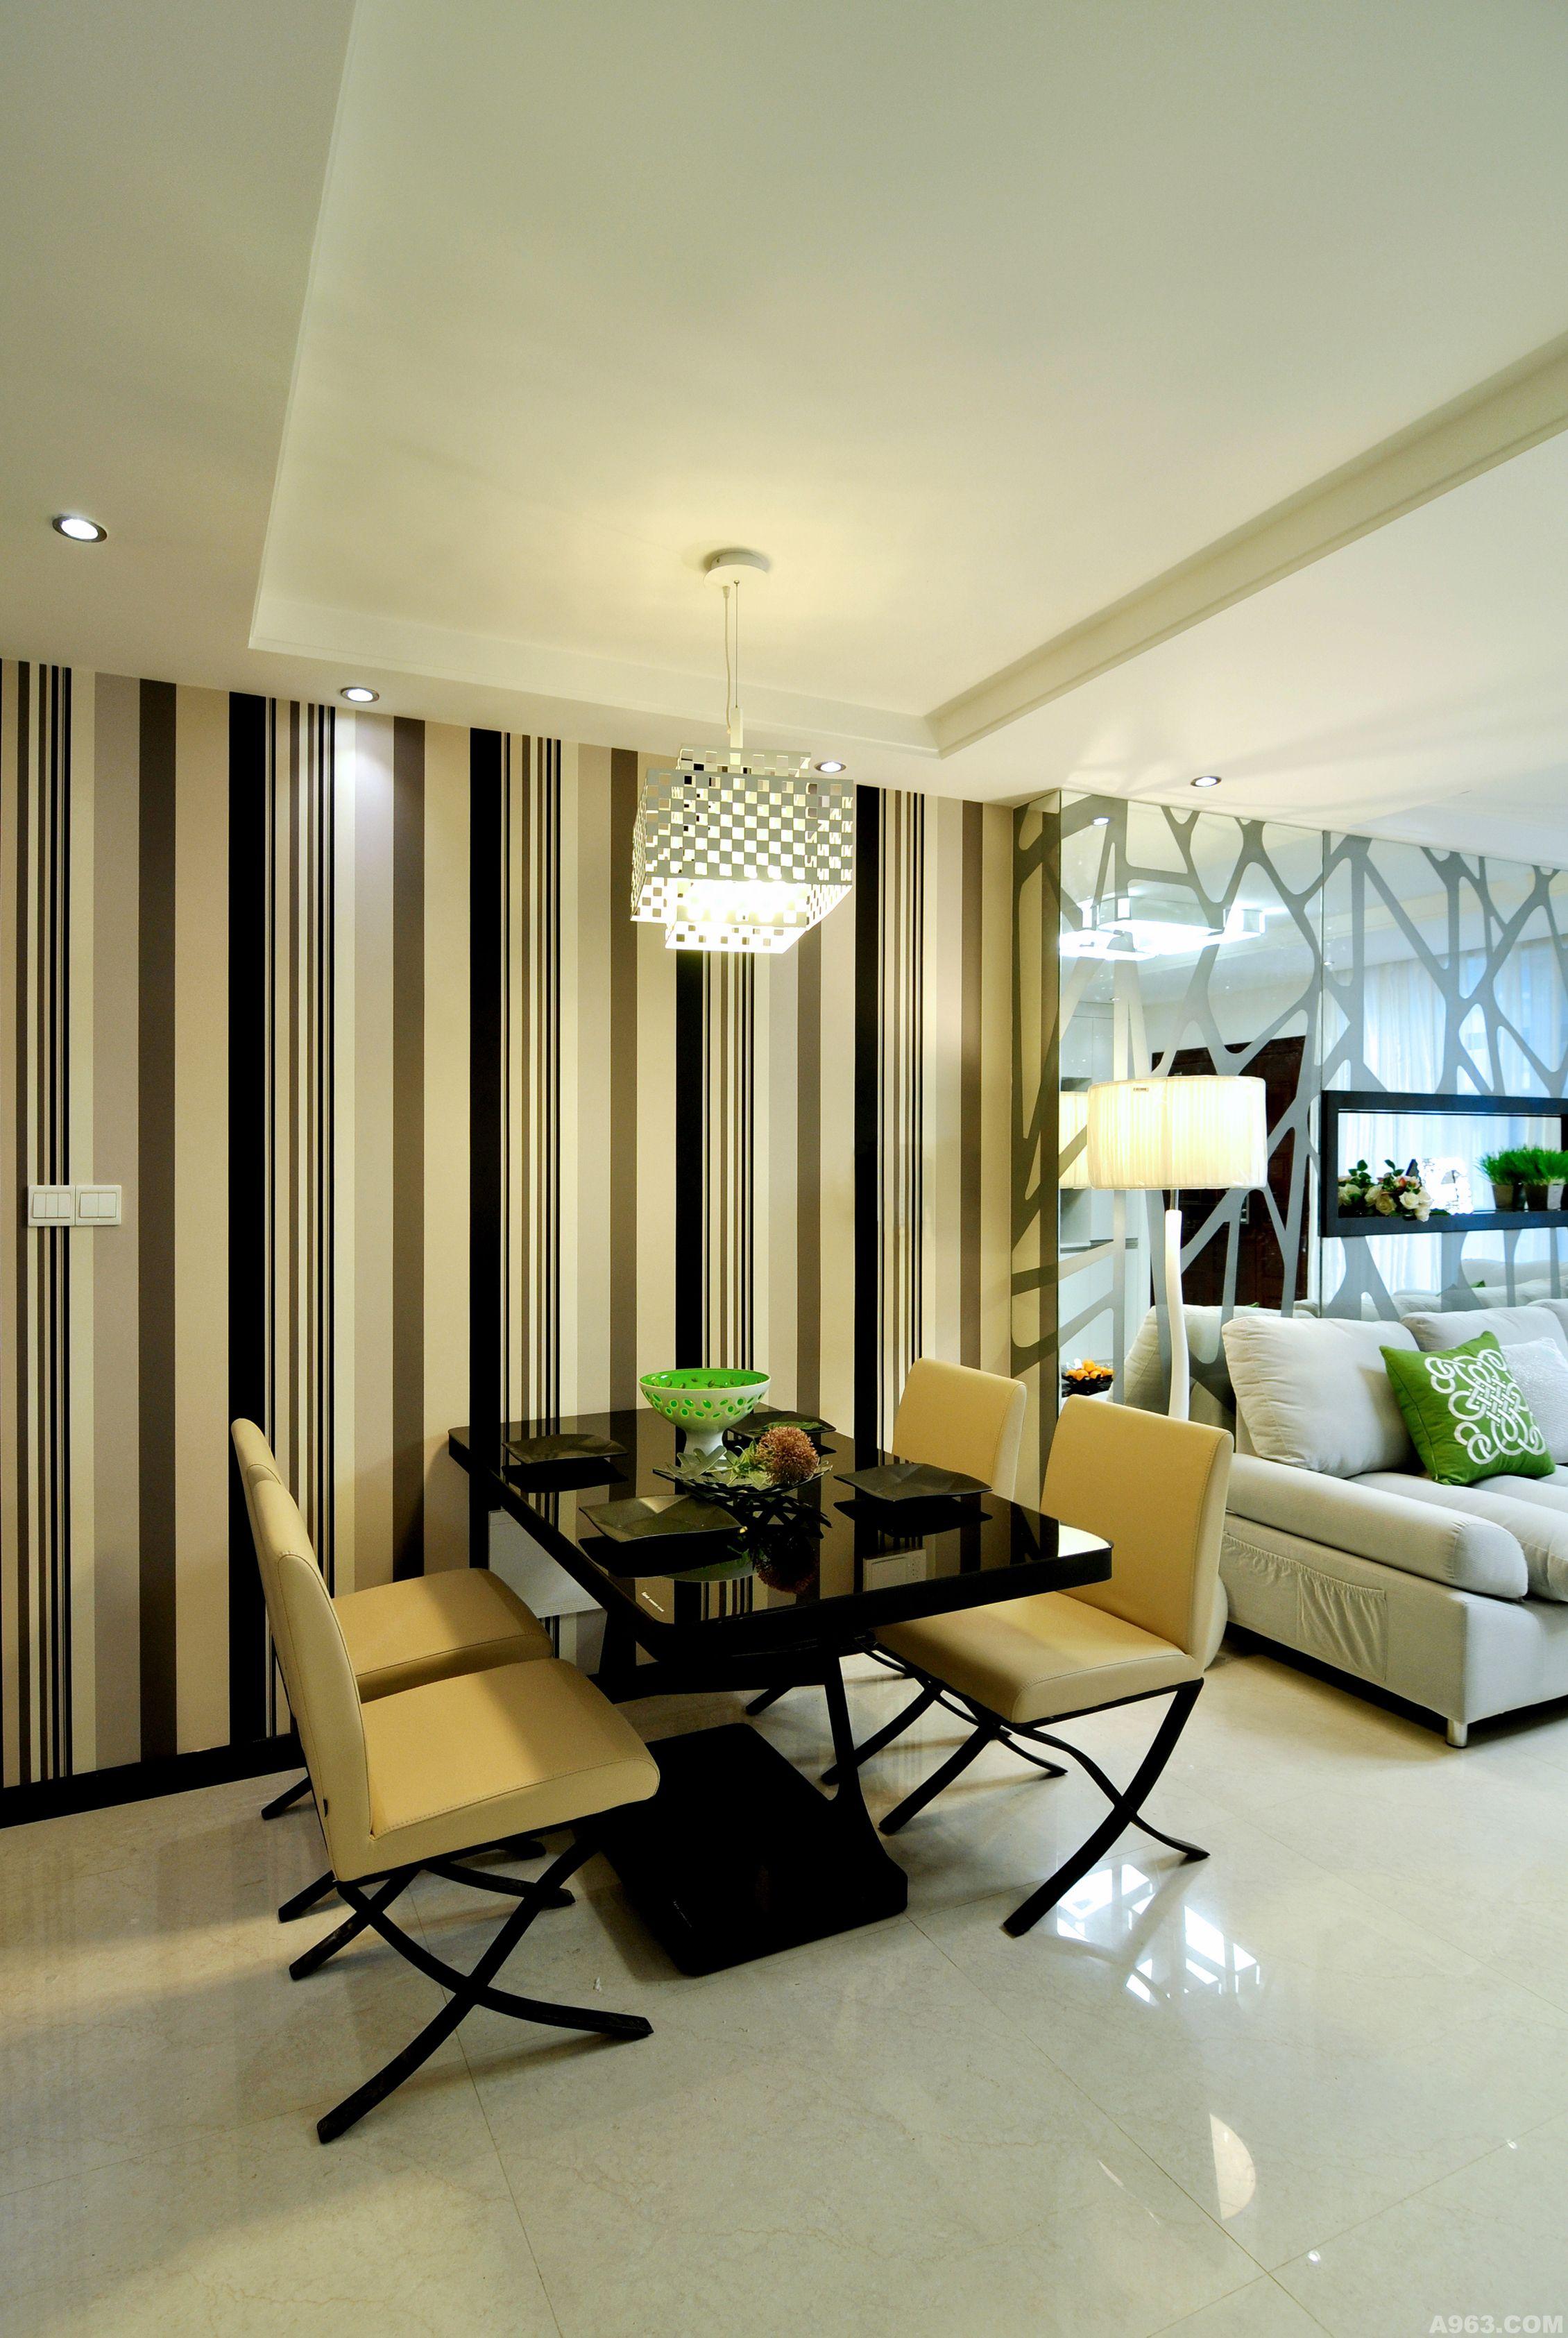 视觉氛围:通过银镜磨花饰面,黑色烤漆玻璃,亮光瓷砖,抽象的黑白条状